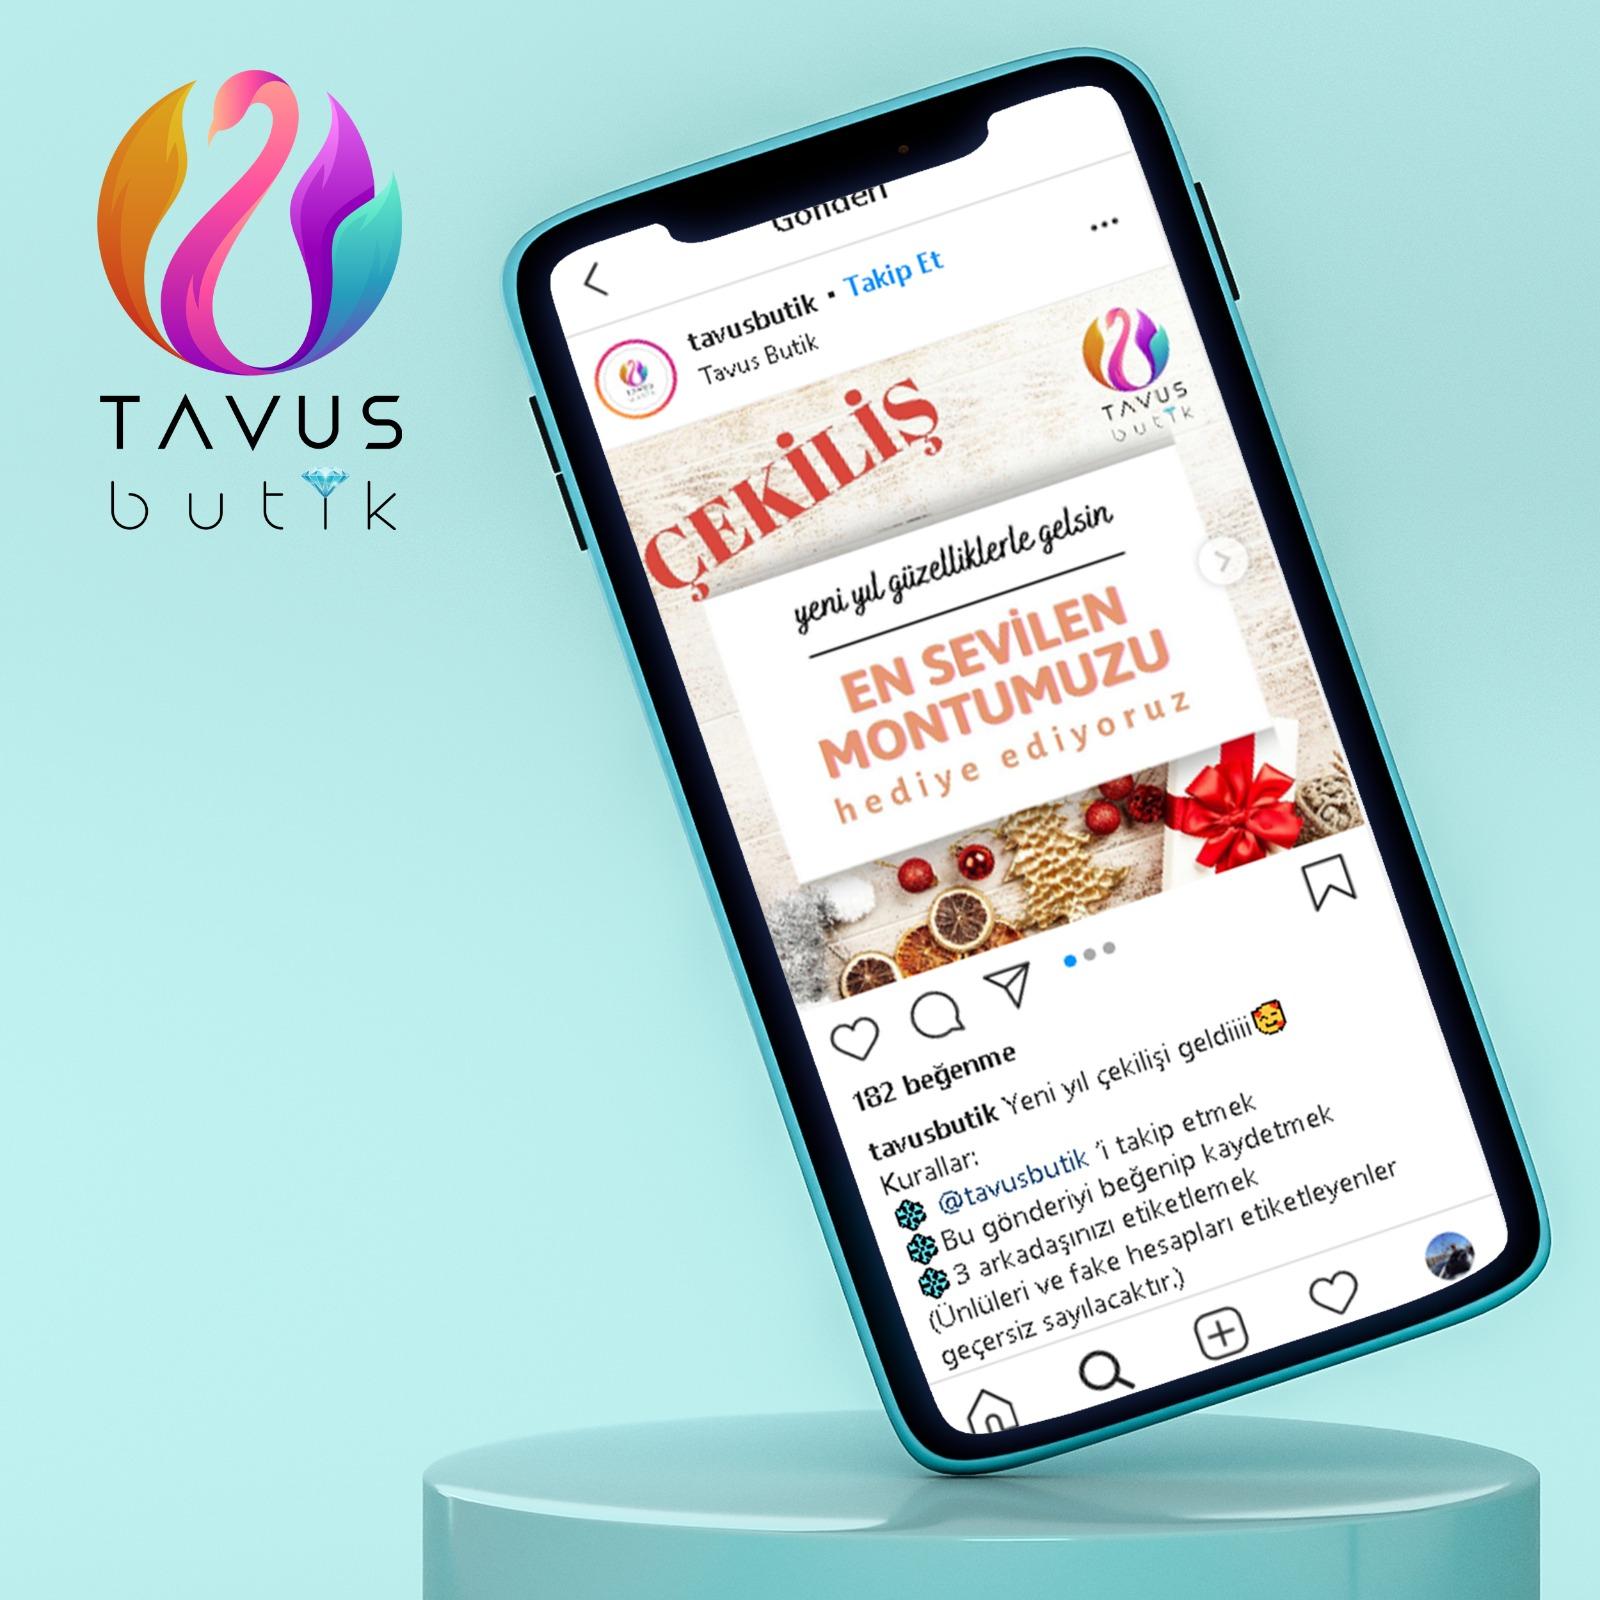 Tavus Butik